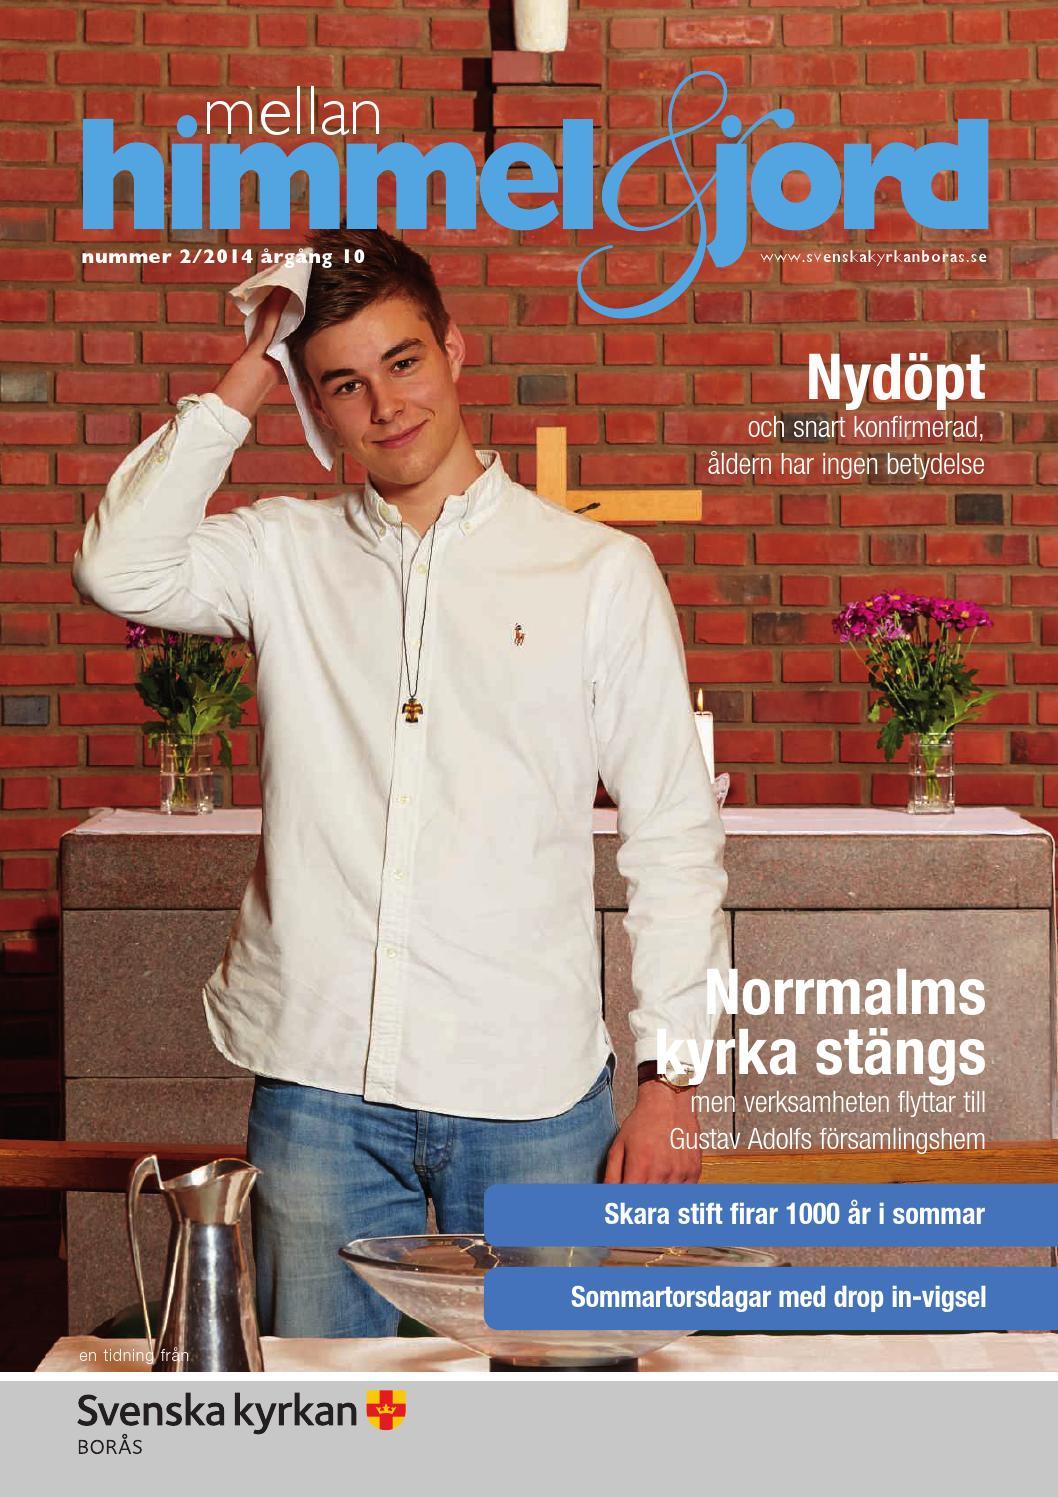 Rustan Rimner, Krassegngen 20, Bors | satisfaction-survey.net